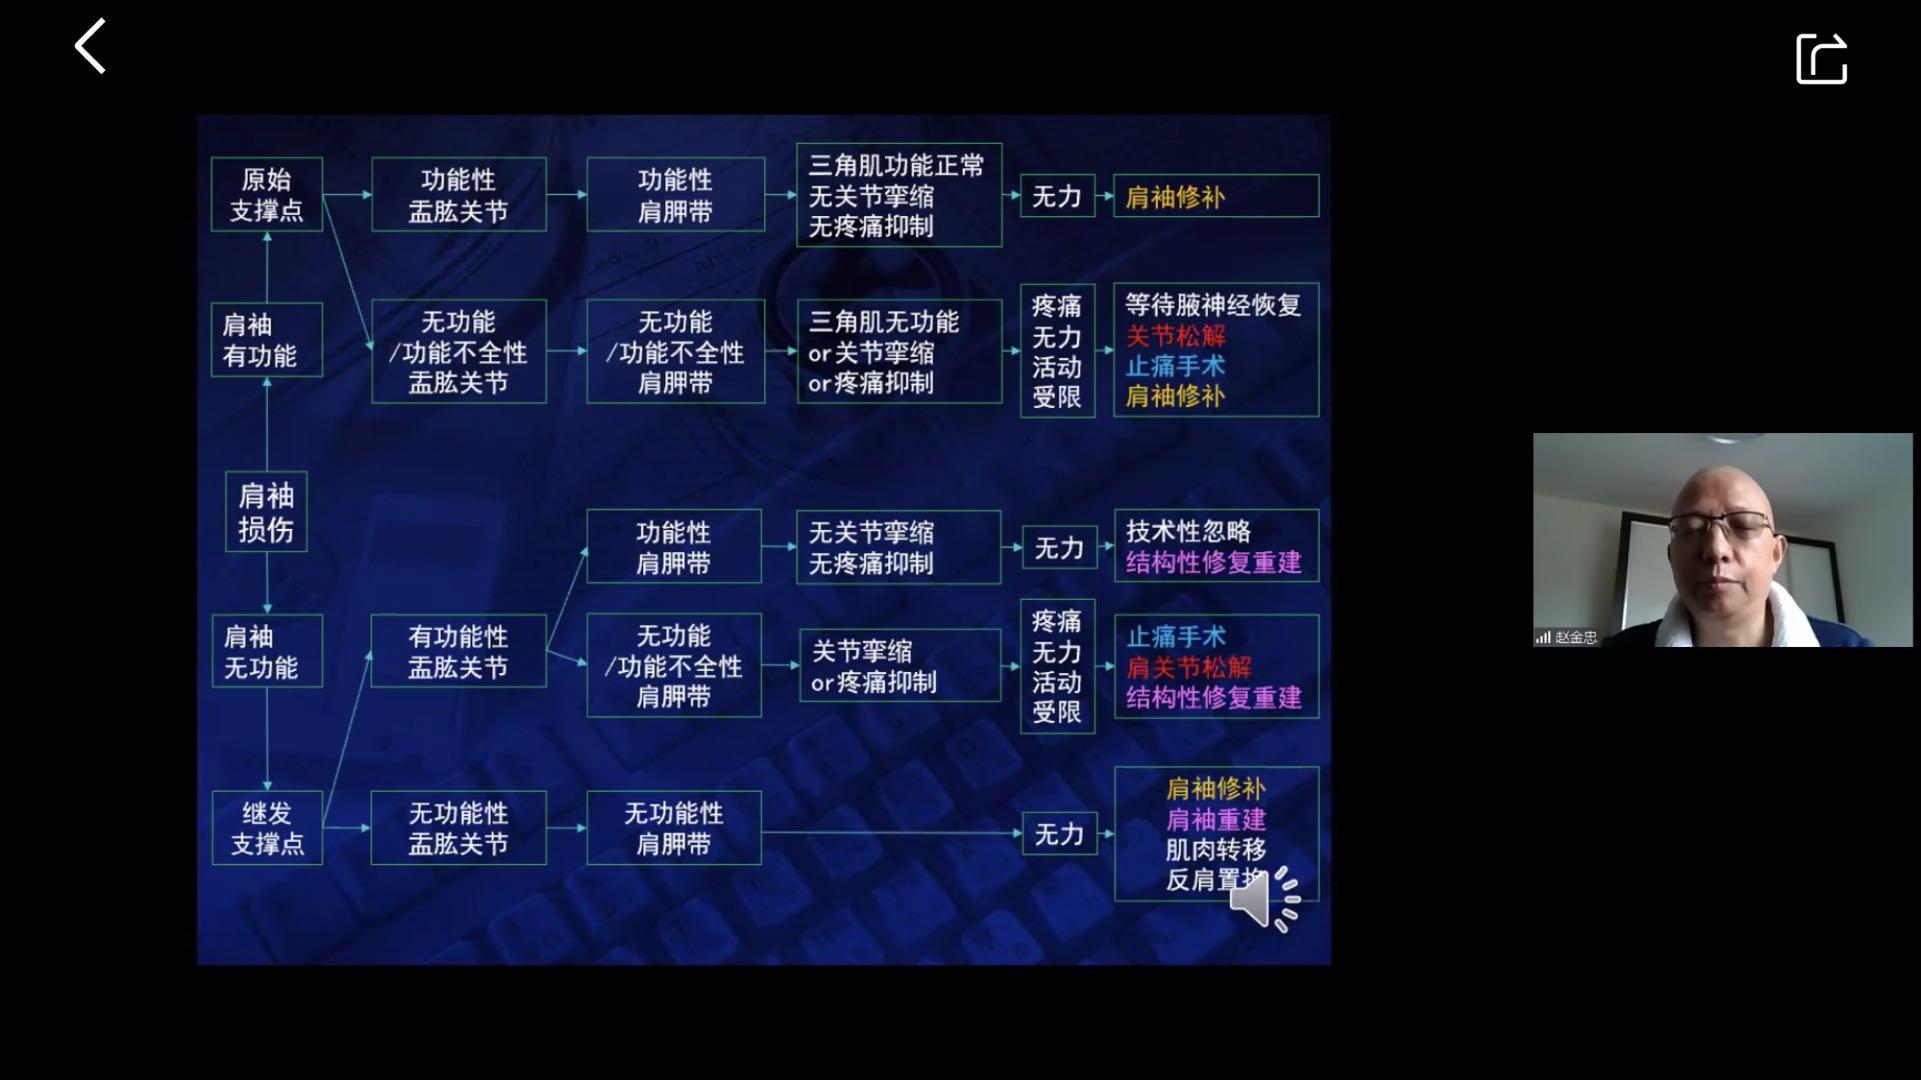 10 赵金忠老师将上肩袖损伤的5种类型分别推荐了相应的治疗方法.jpg